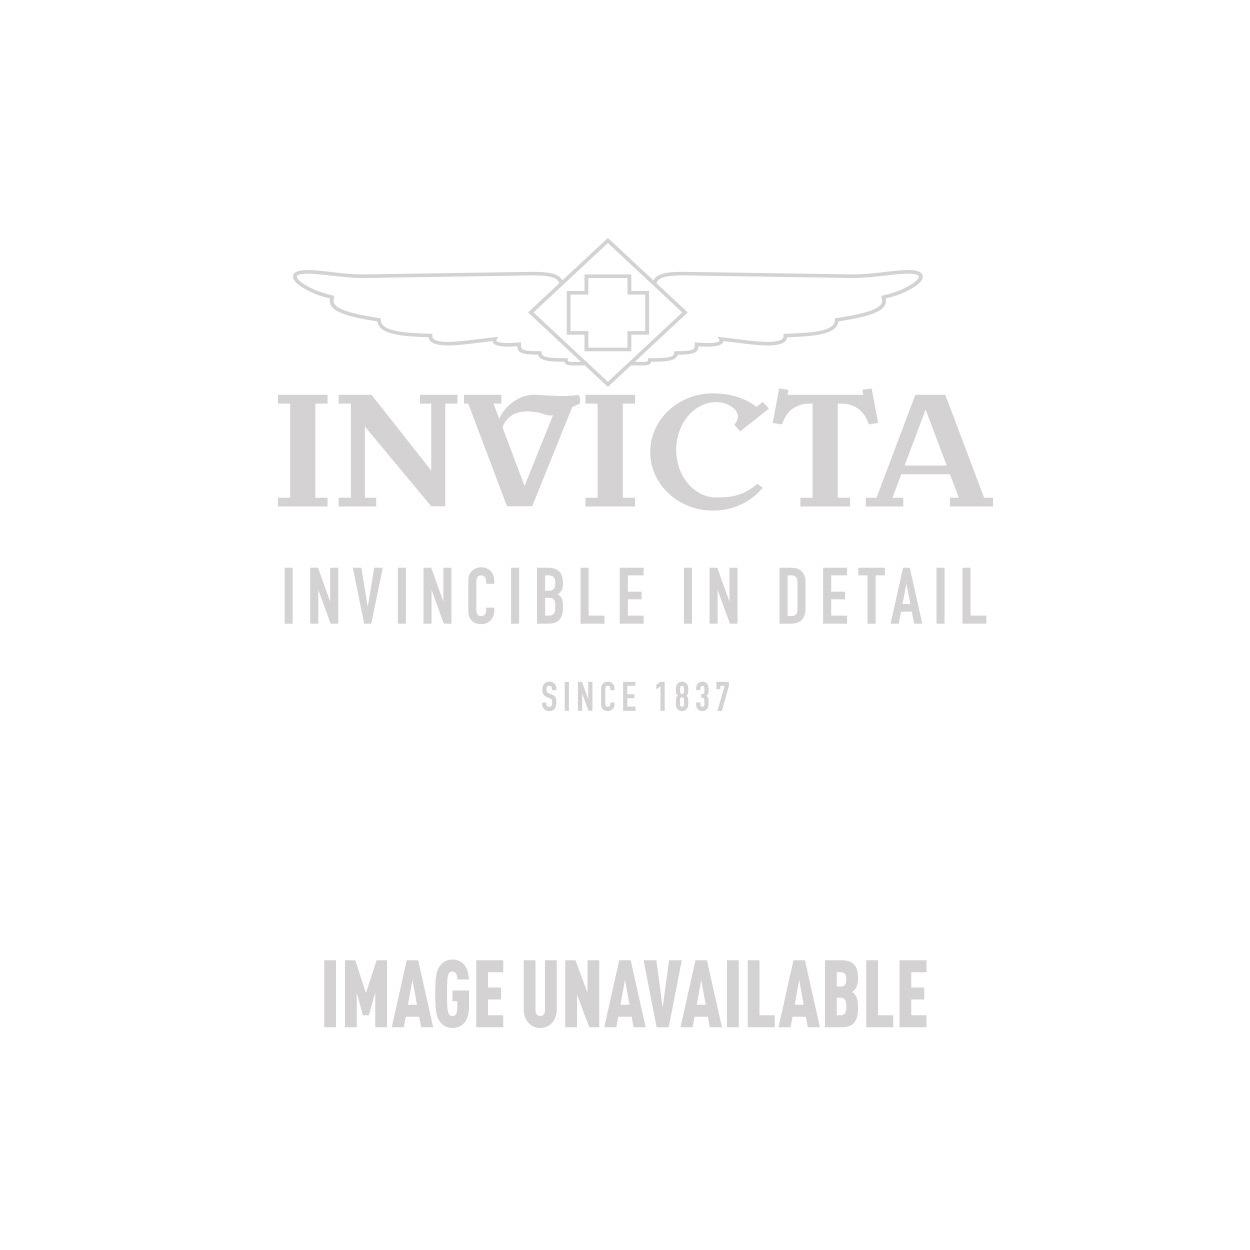 Invicta Model 29641